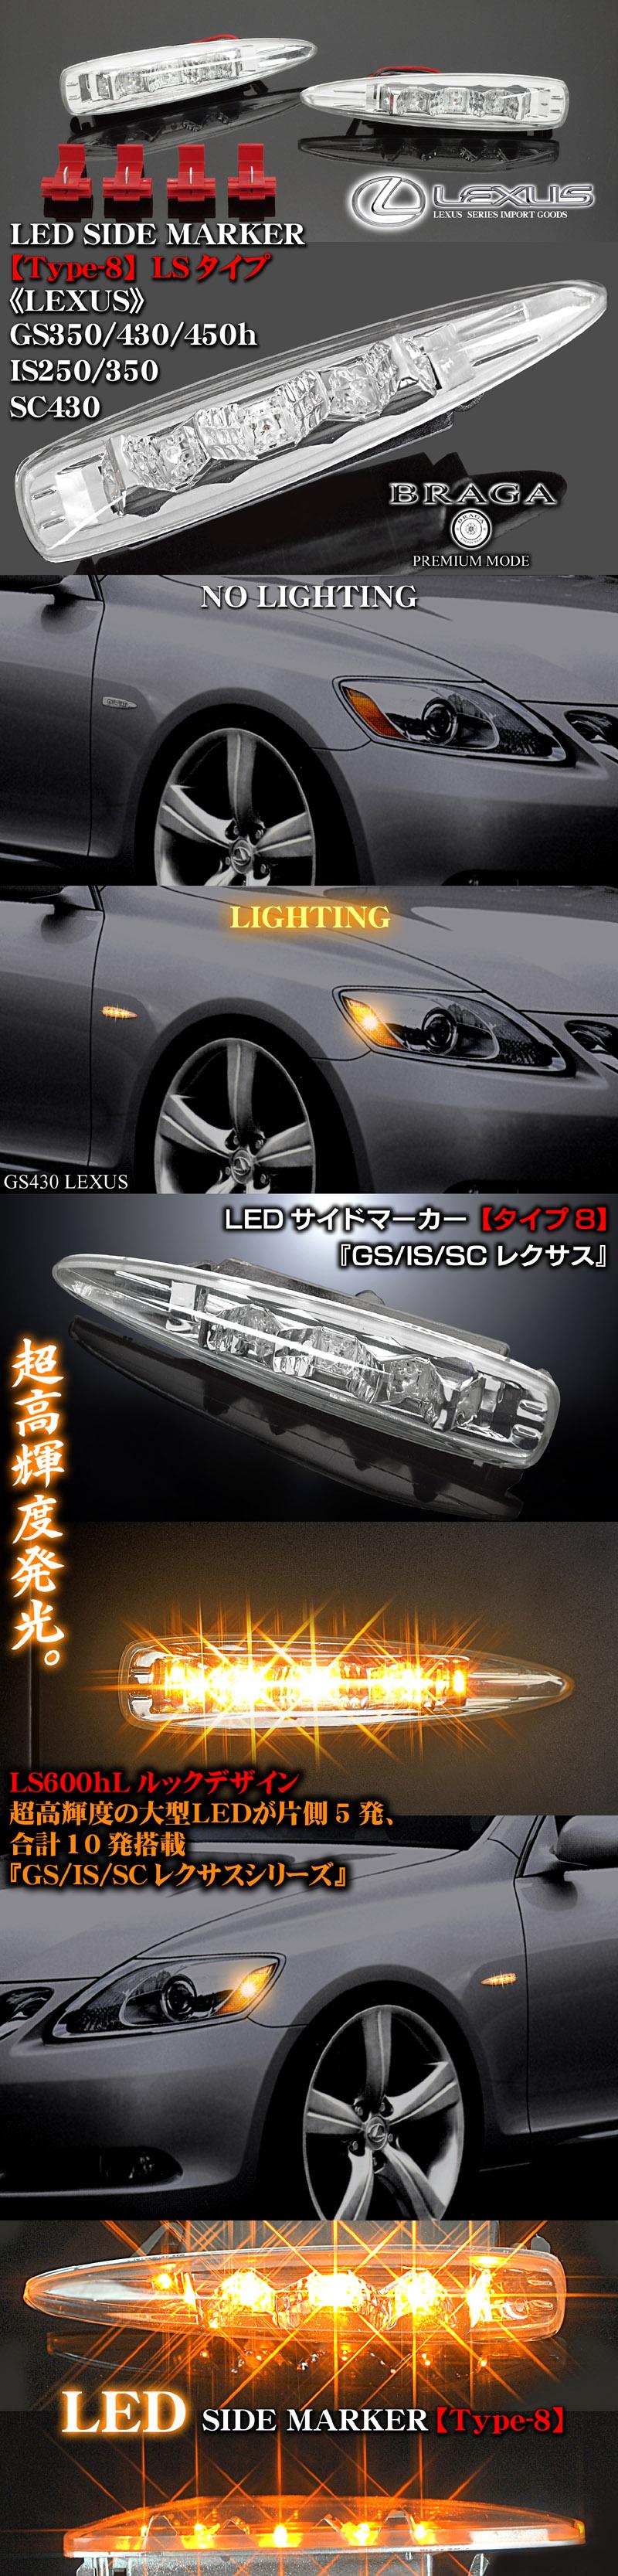 【クリスタルLEDサイドマーカー[タイプ8]LS600hLタイプ《GS350/430/450h レクサス前期》超高輝度大型LED10発搭載】